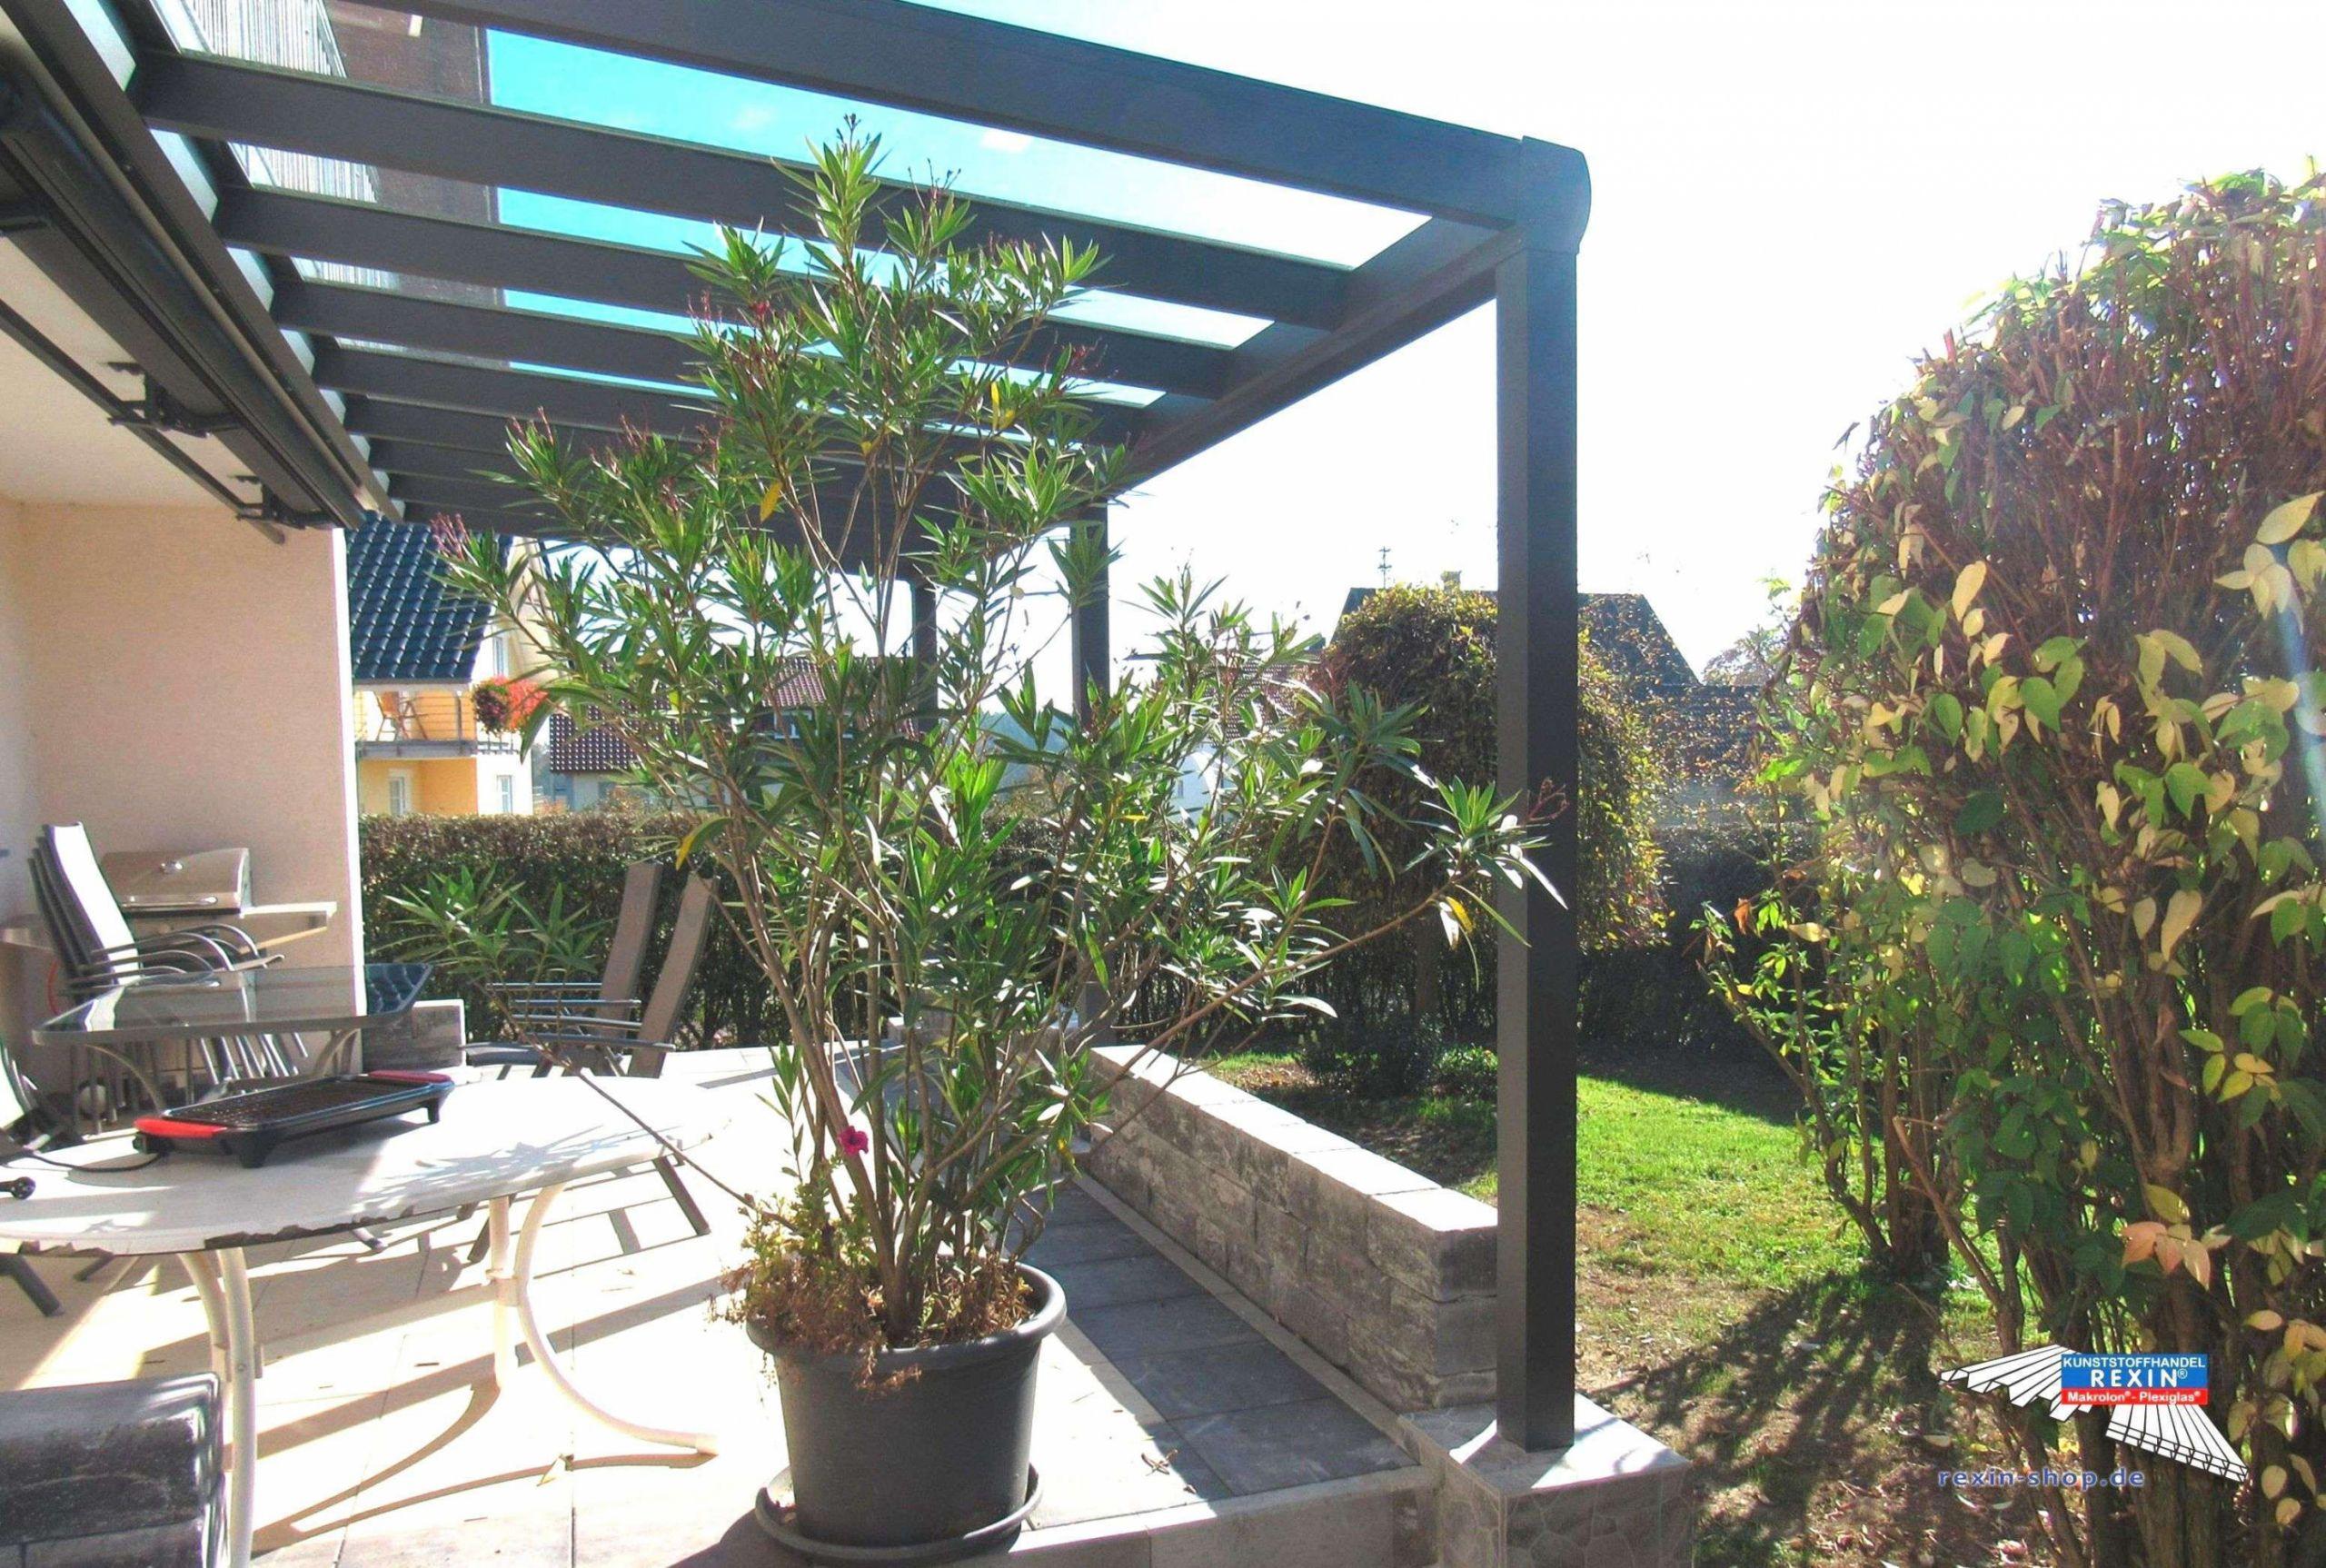 42 kollektion gartengestaltung ideen kleiner garten pic schmaler balkon einrichten schmaler balkon einrichten